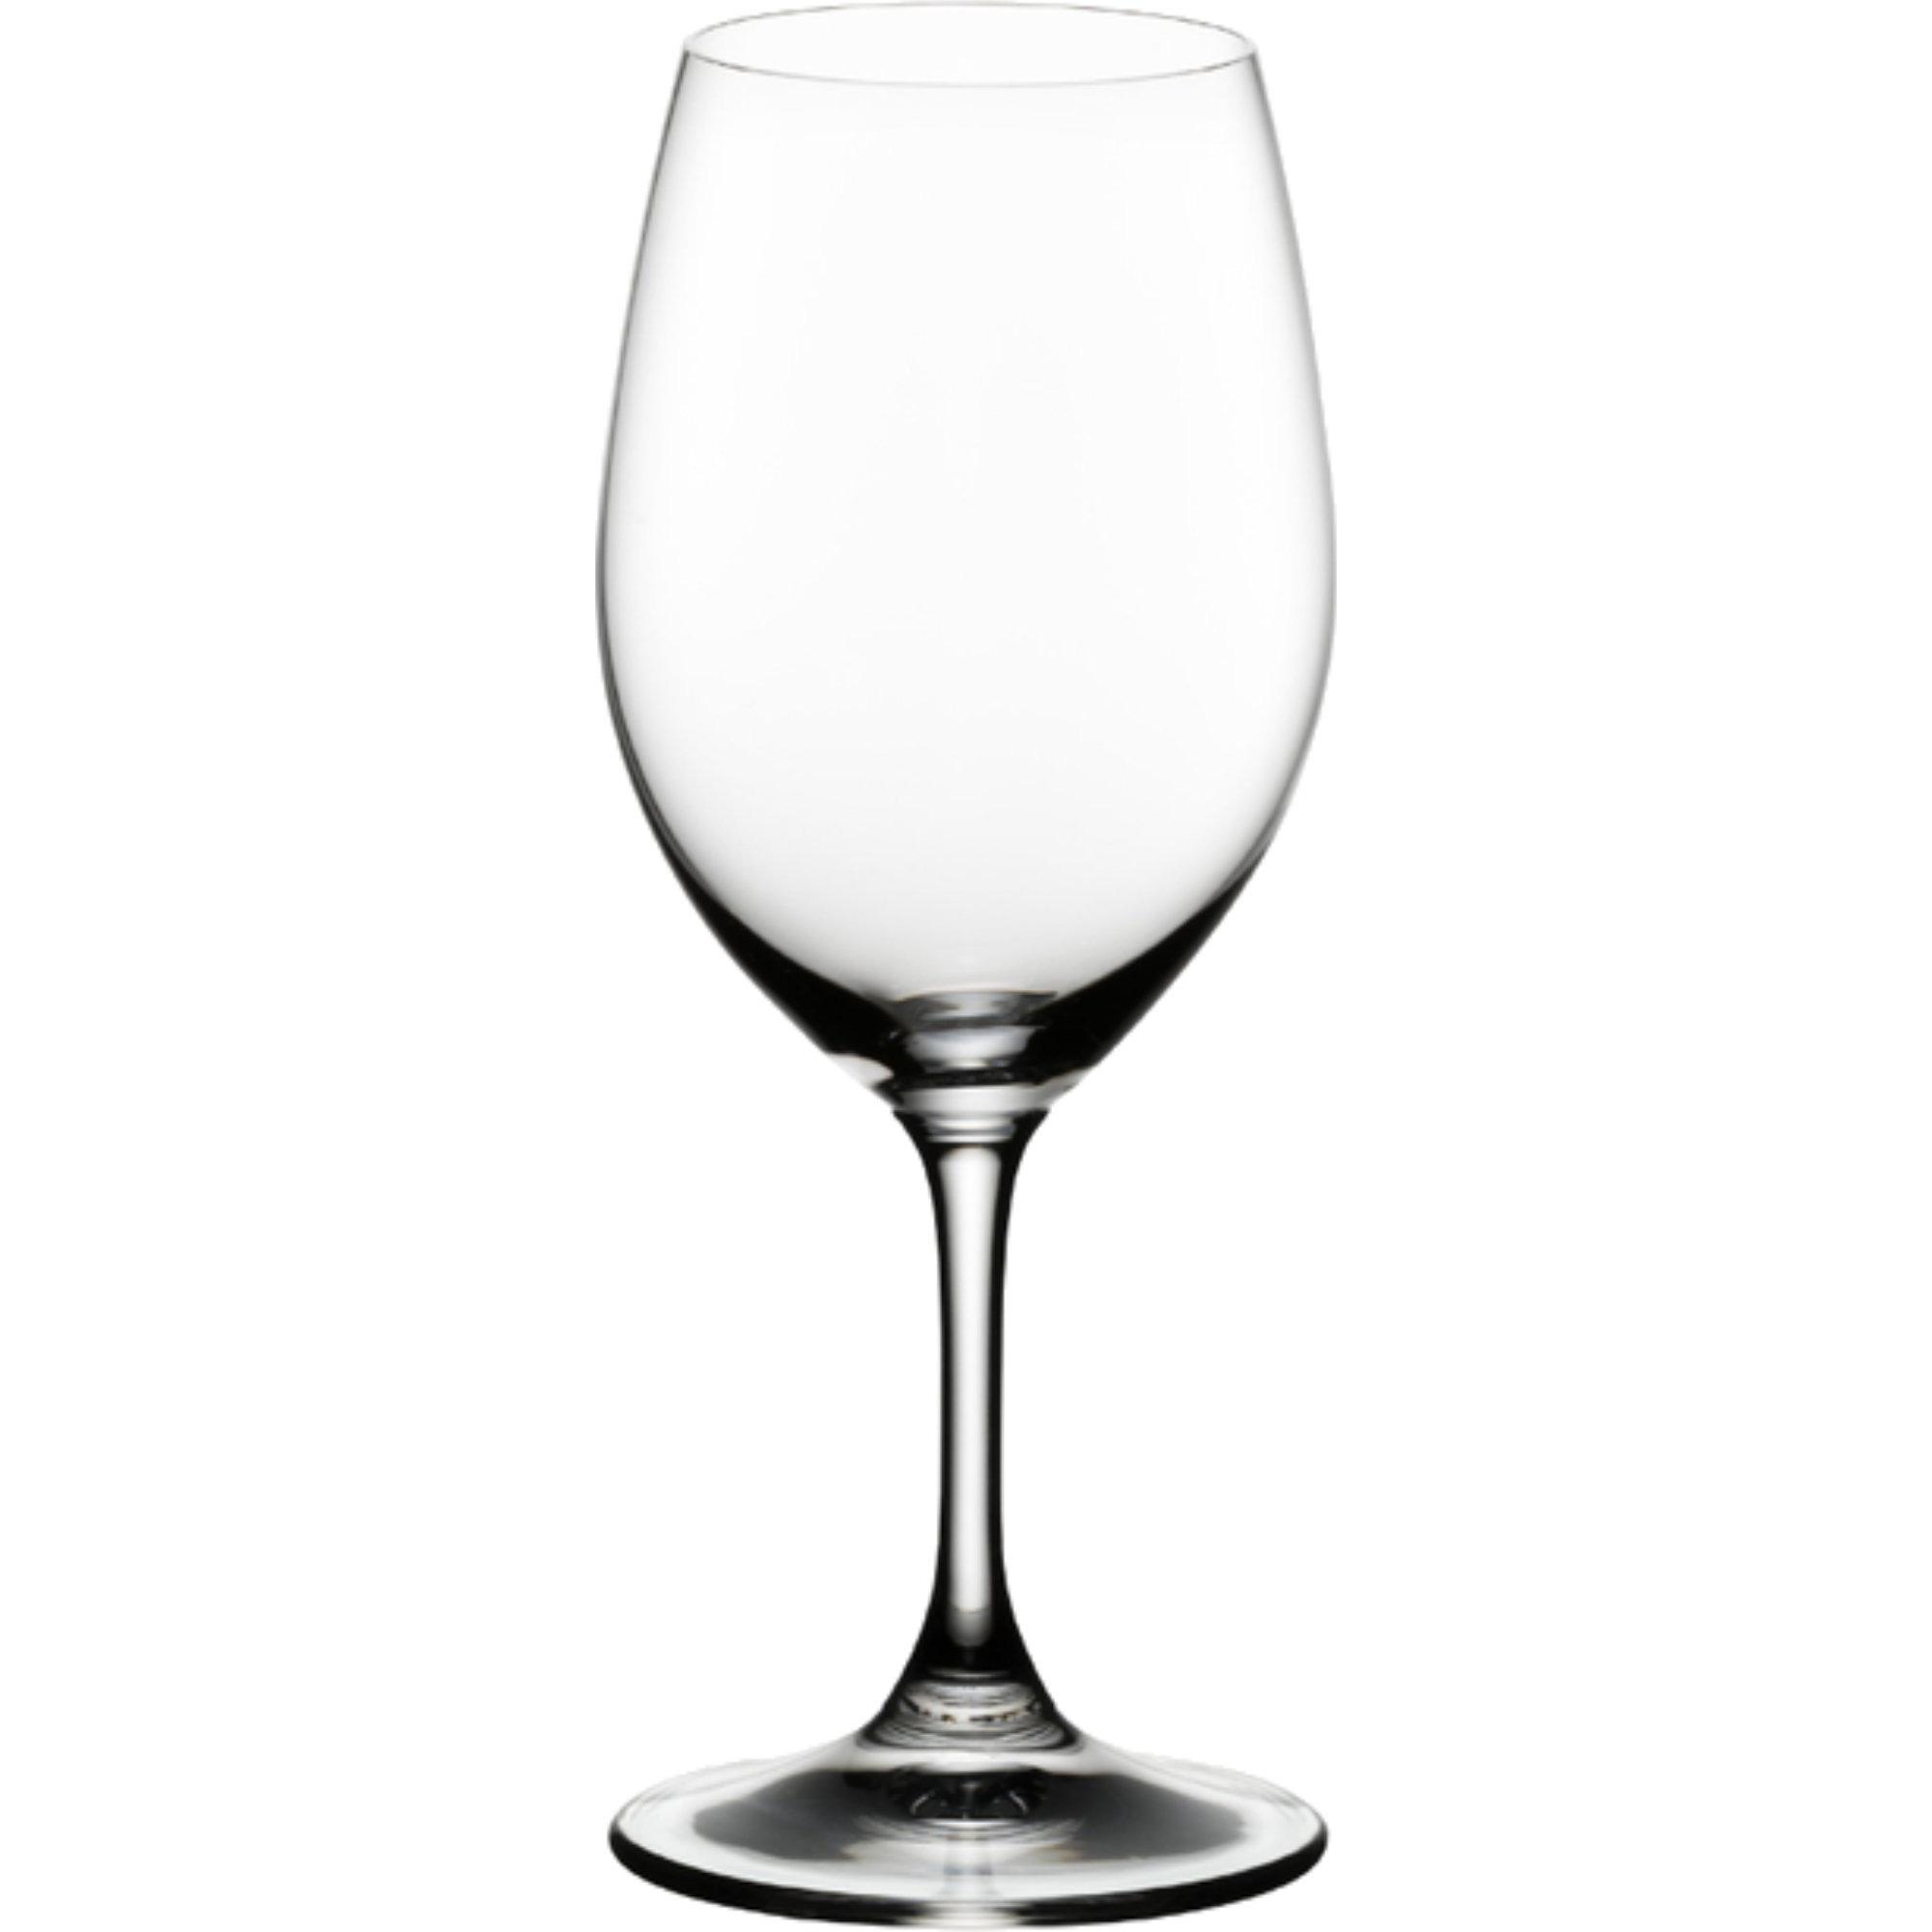 Riedel Ouverture Vitvinsglas 28 cl 2-pack